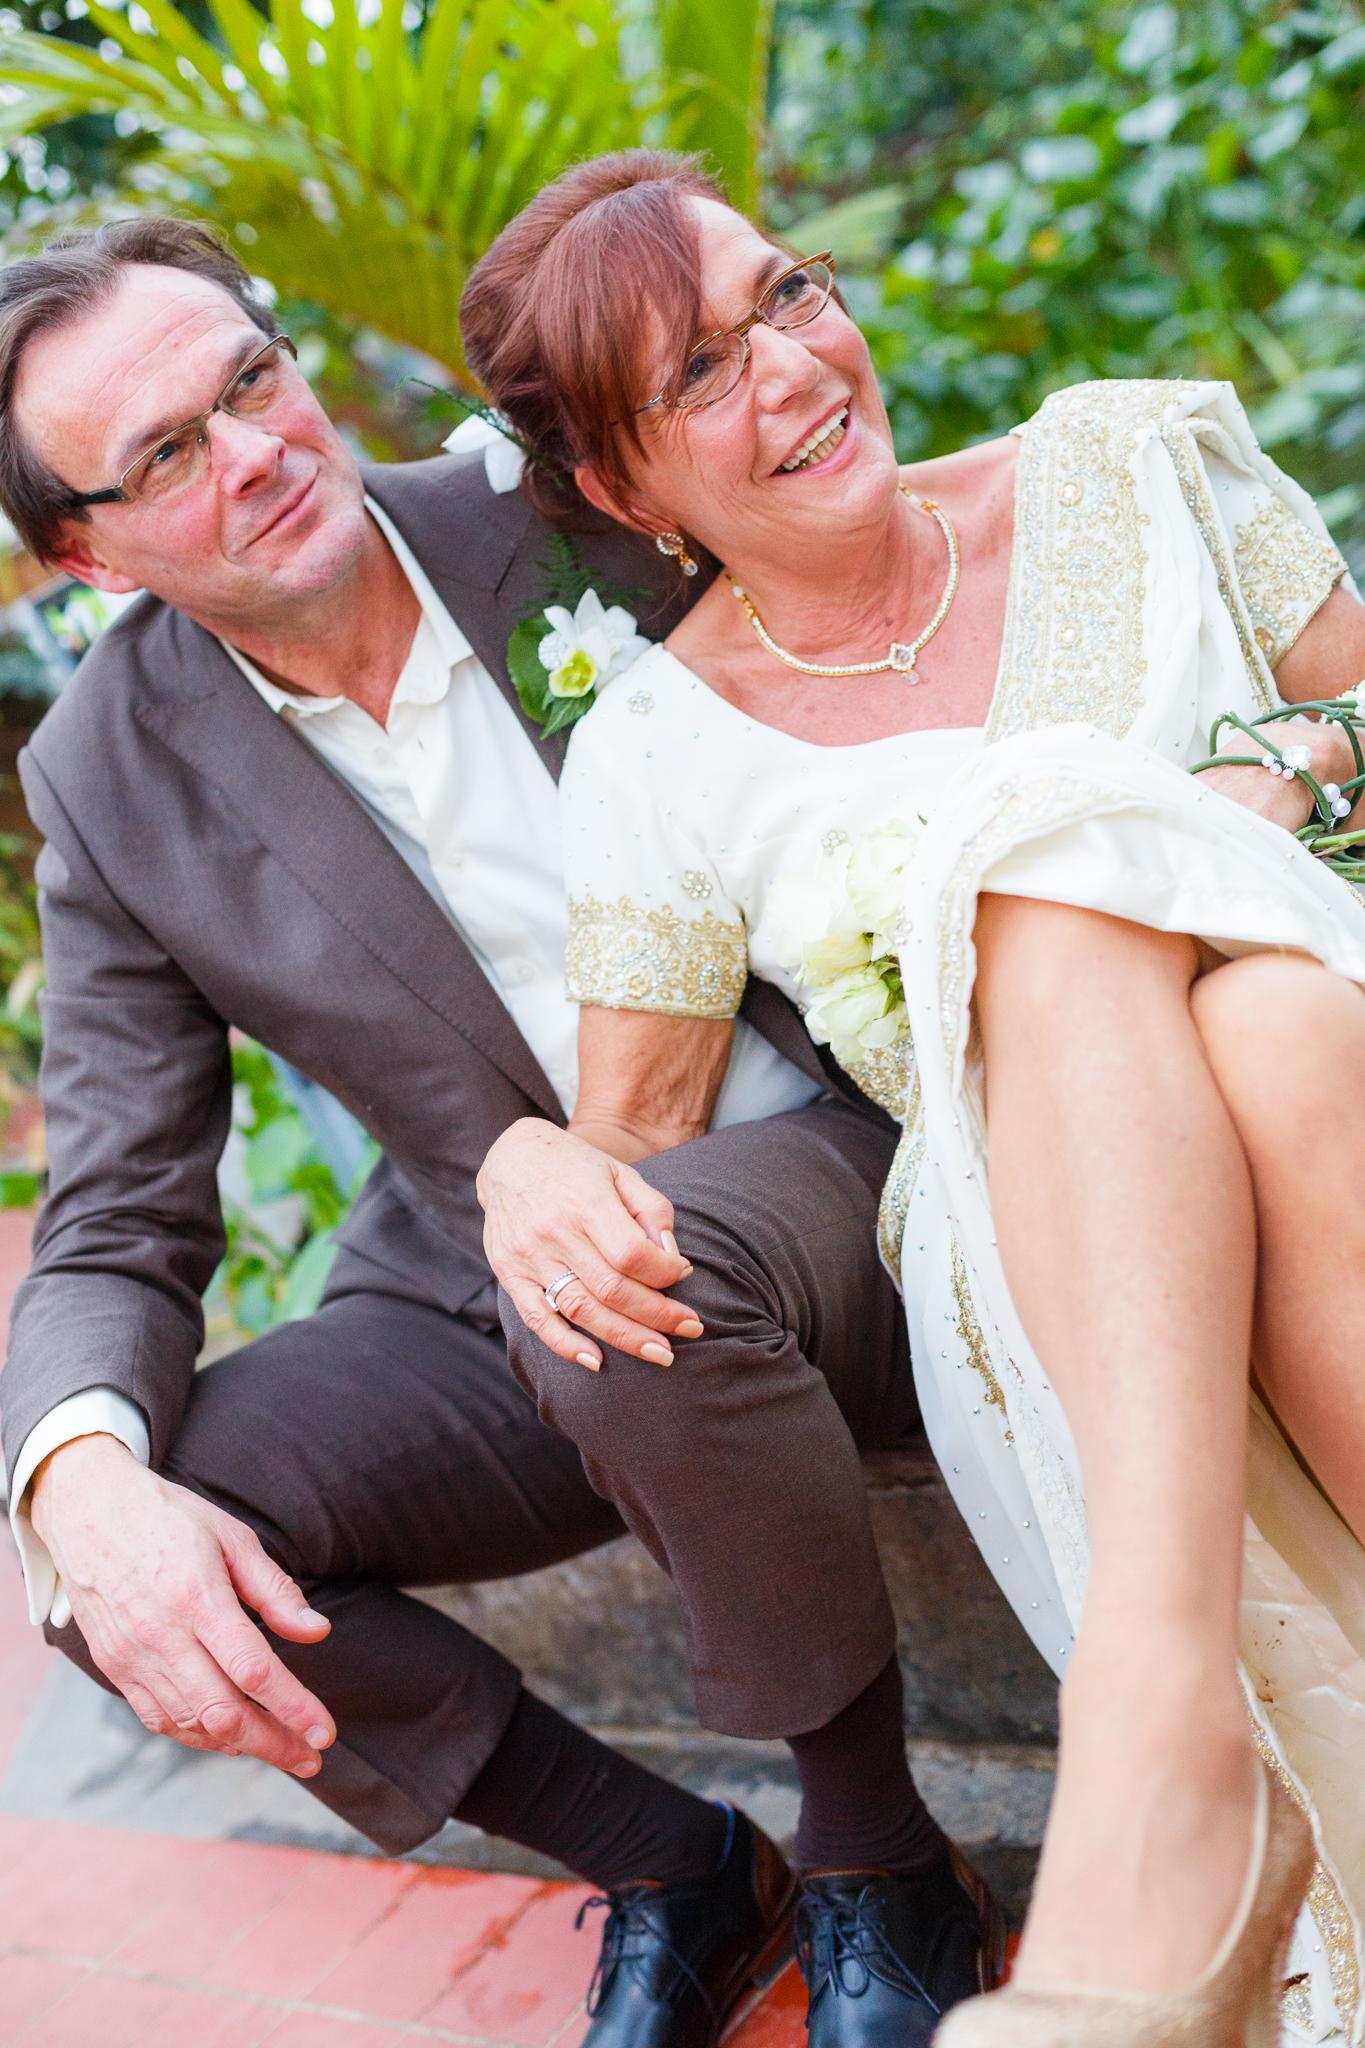 Wedding - YW8A3133.jpg